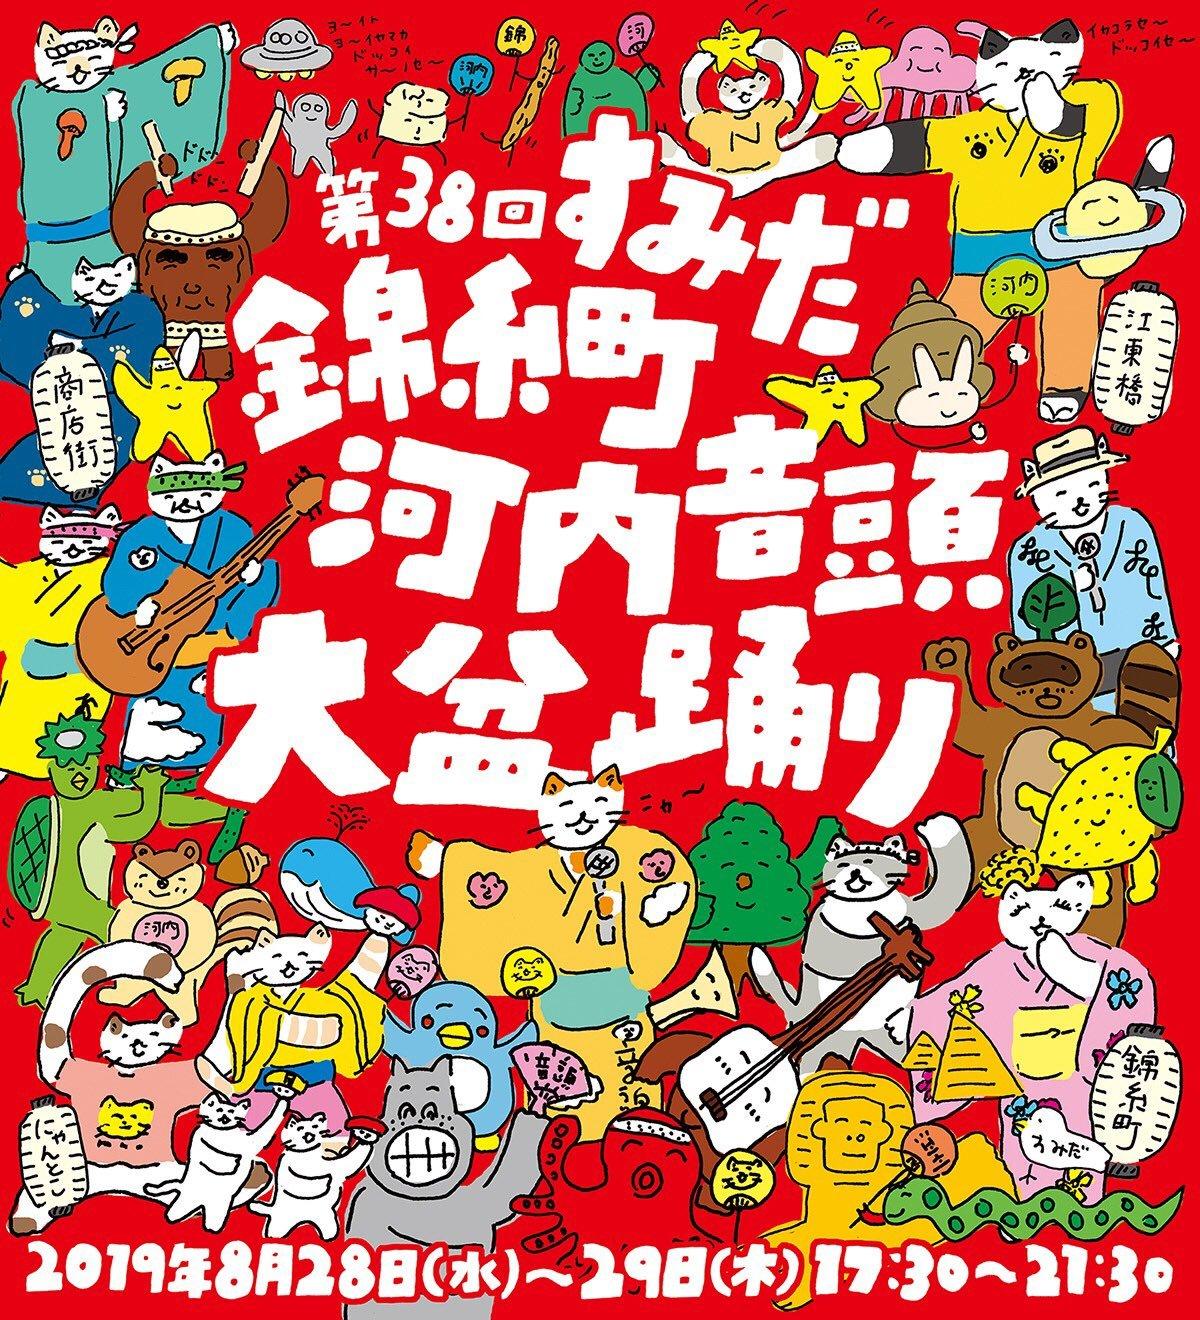 名古屋城でヨイトヨイヤマッカドッコイサノセー_e0303005_22581635.jpg